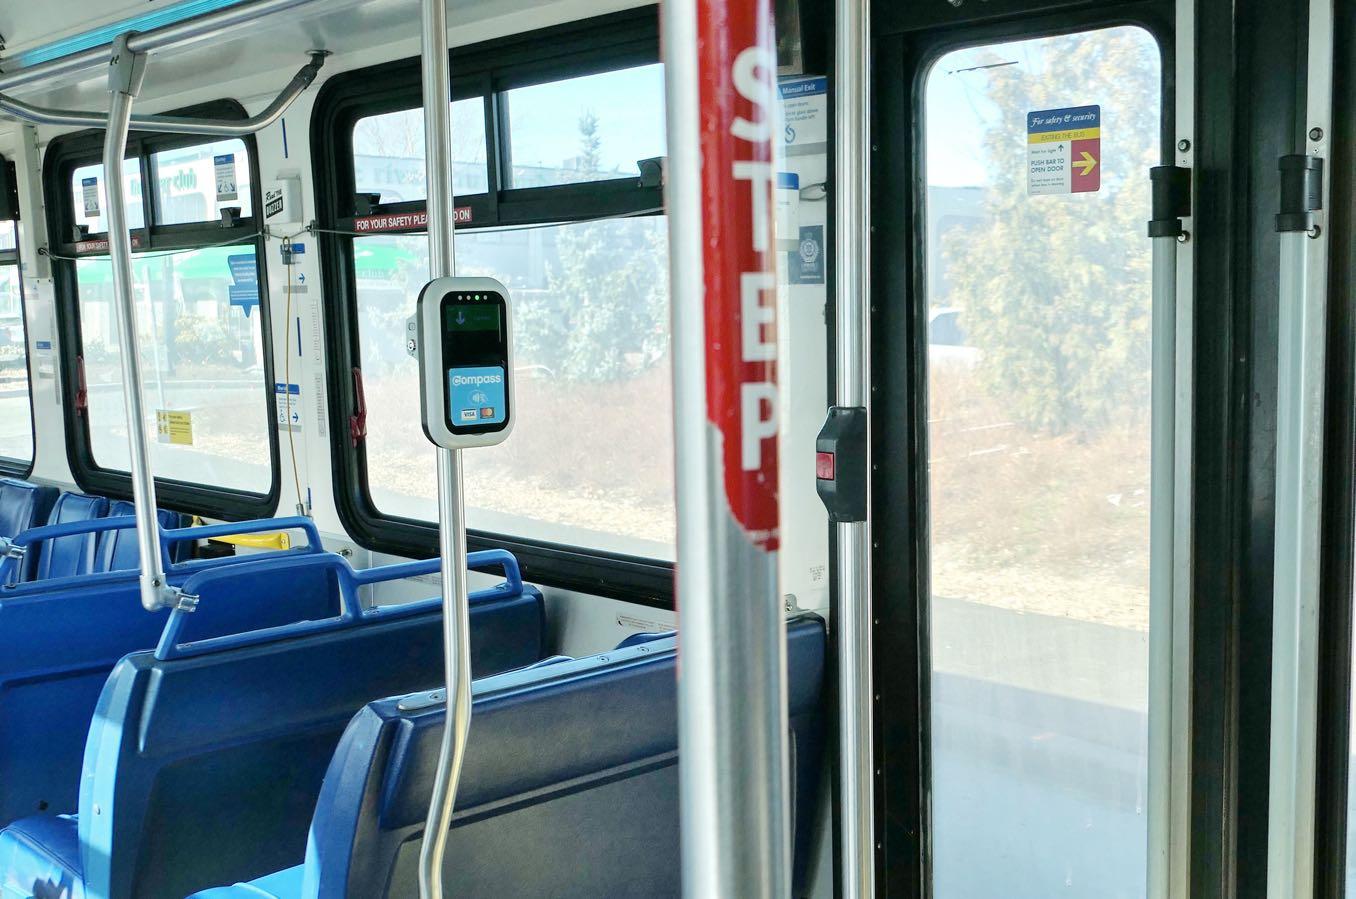 バスの後ろにあるコンパスカードマシーン